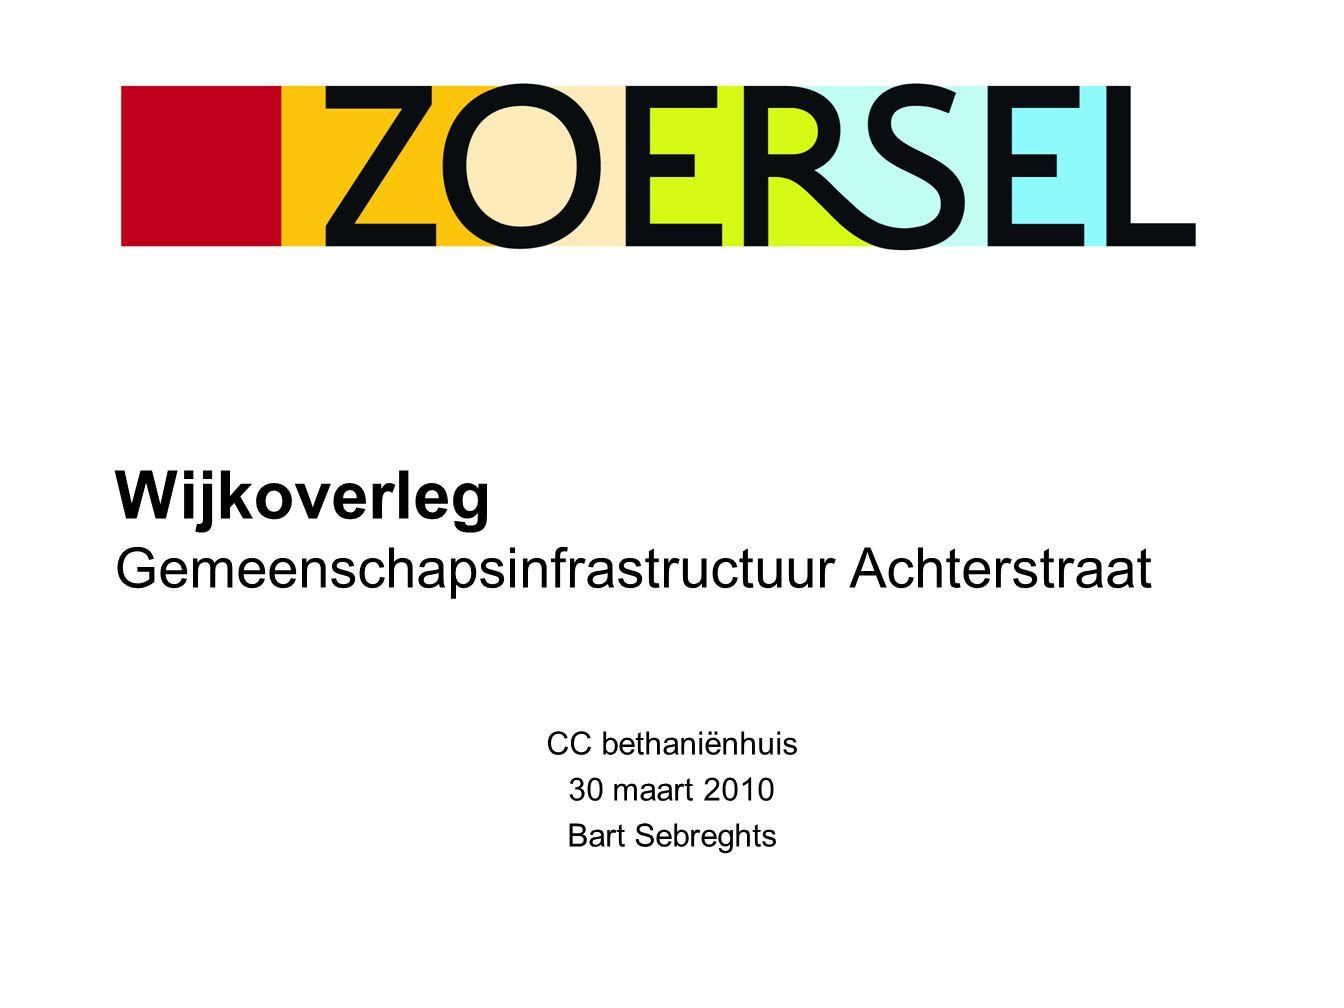 Dossier 2 – Privaat-publieke samenwerking  Sportinfrastructuur  PPS vanuit de Vlaamse gemeenschap (sportinfrastructuurfonds)  Private vennootschap ontwerpt, bouwt & financiert  Gemeente Zoersel betaalt 'beschikbaarheidsvergoeding' (gedurende 30 jaar)  Vlaanderen betaalt hiervan max.